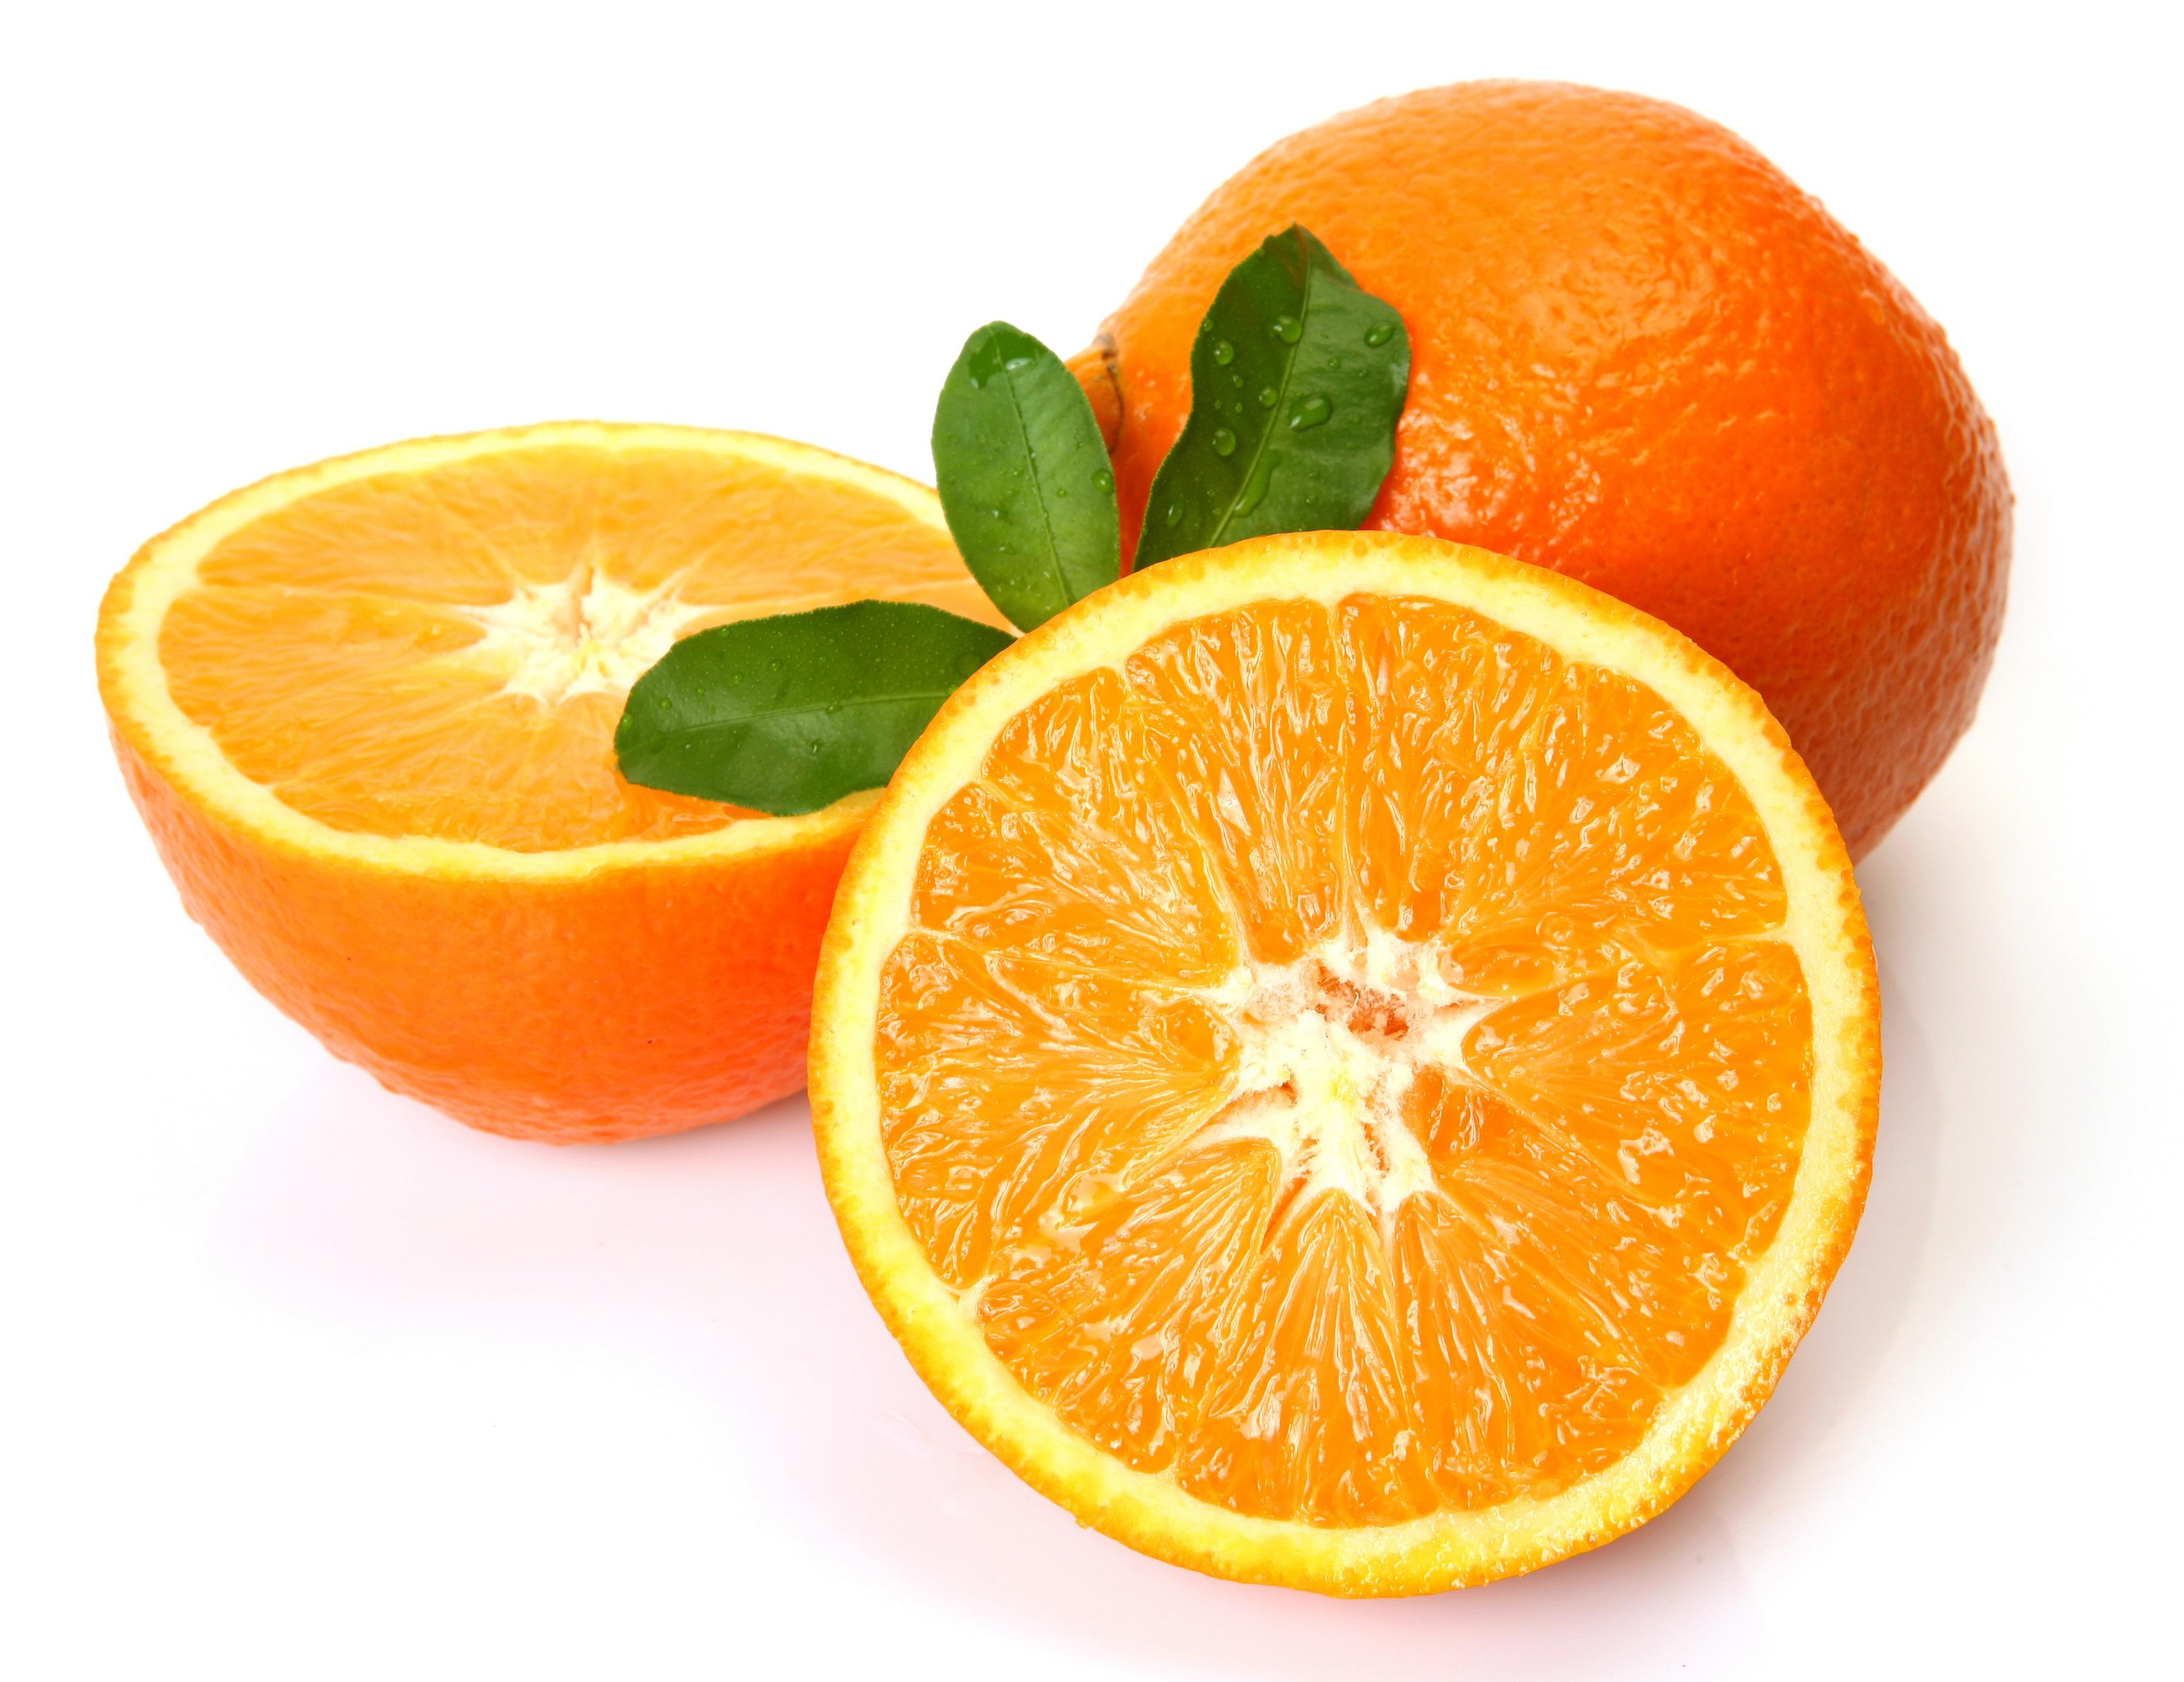 Апельсин, разрезанный апельсин, фото, клипарт, обои на рабочий стол